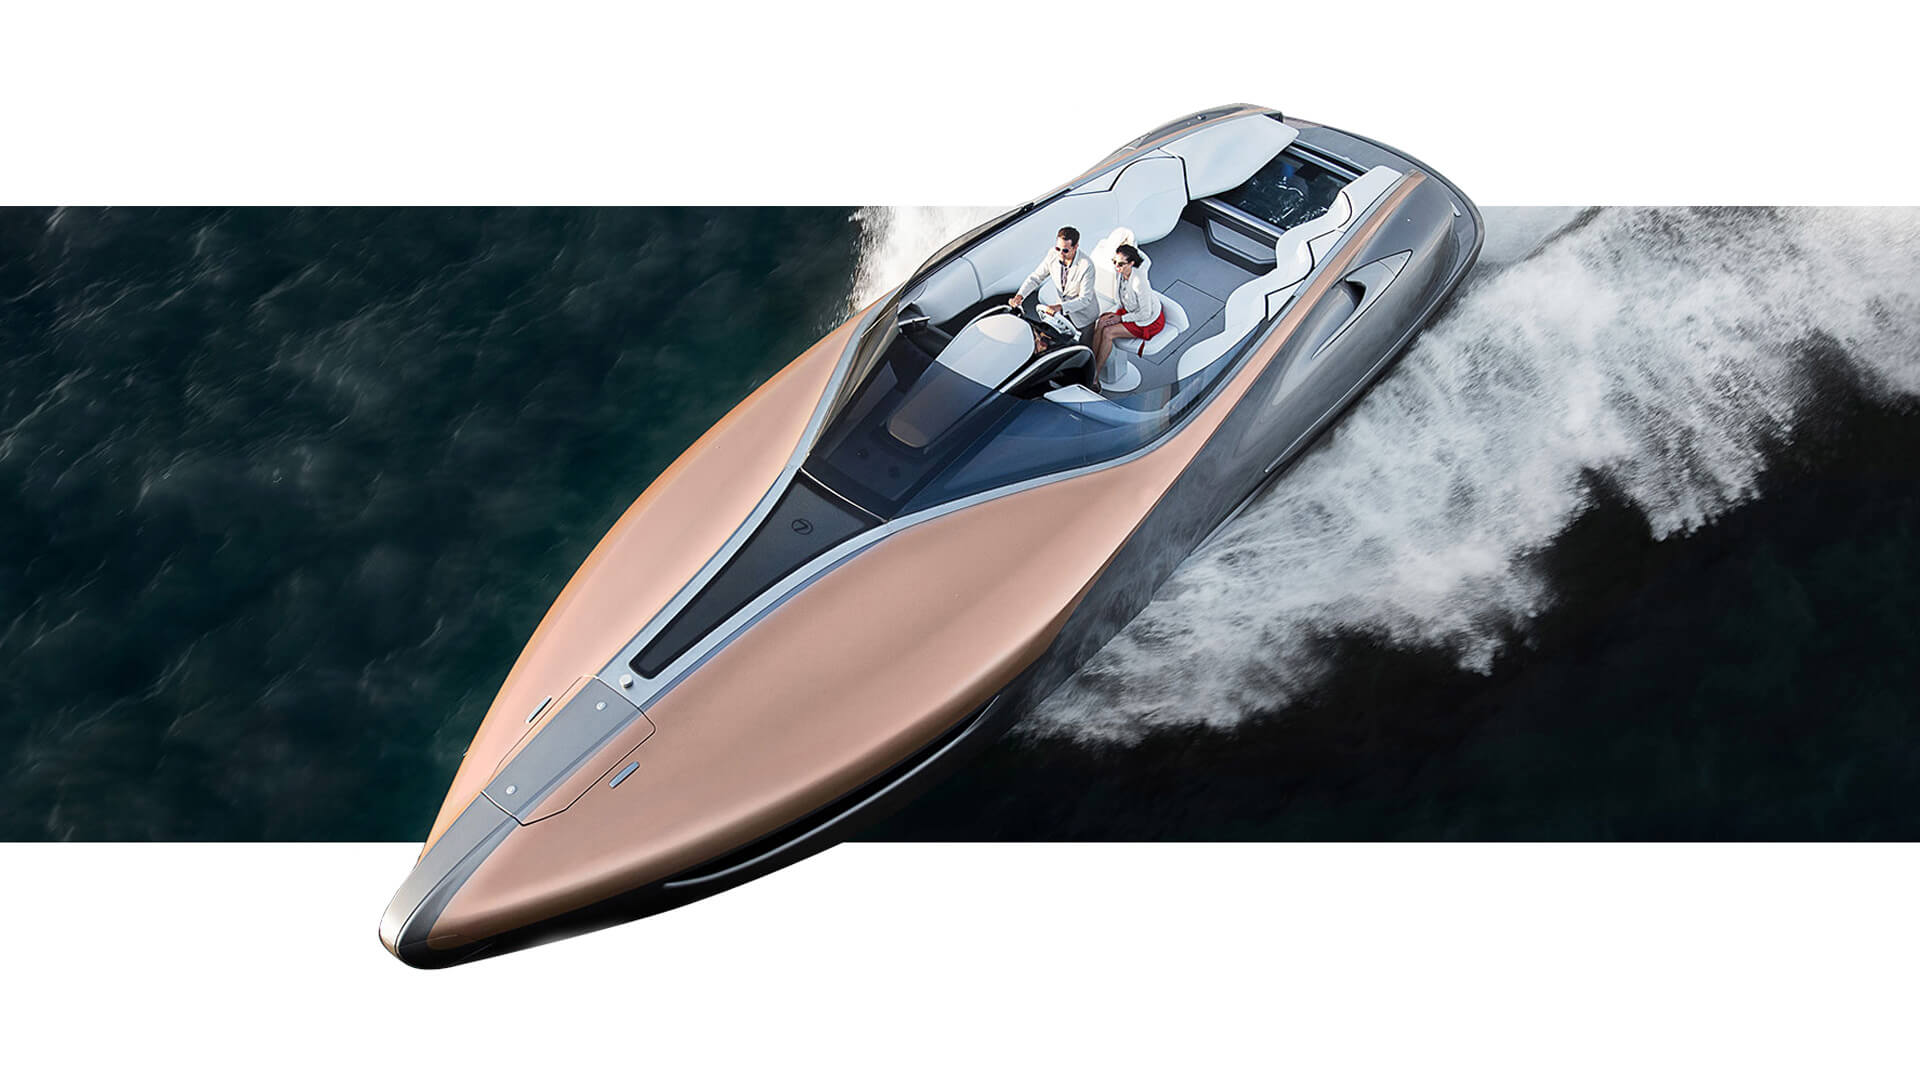 lexus yacht hero